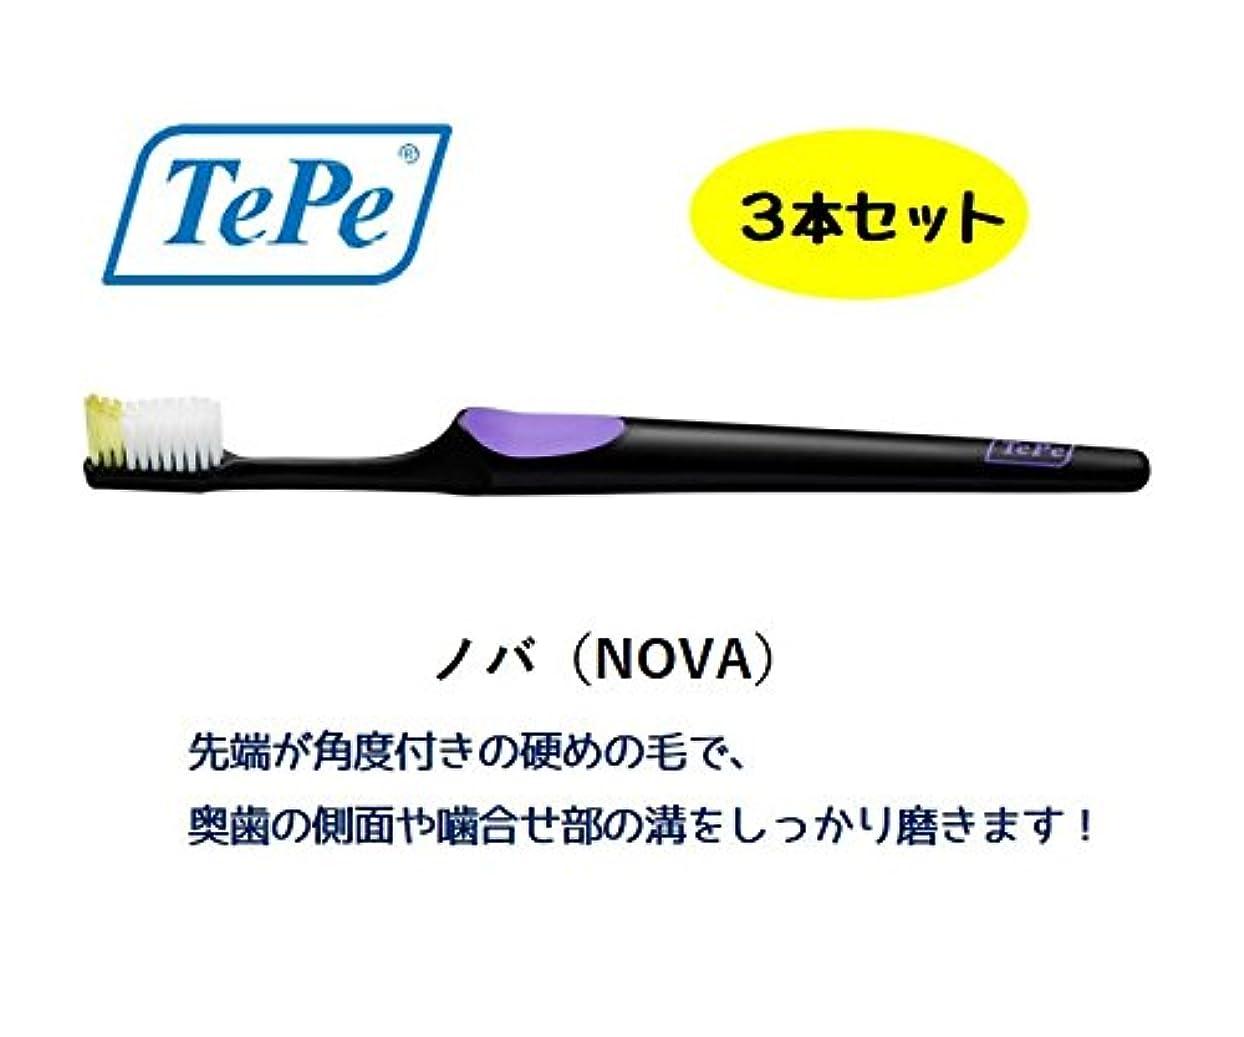 ドライブスプリット可動式テペ ノバ ブリスター 3本 TePe NOVA (やわらかめ)